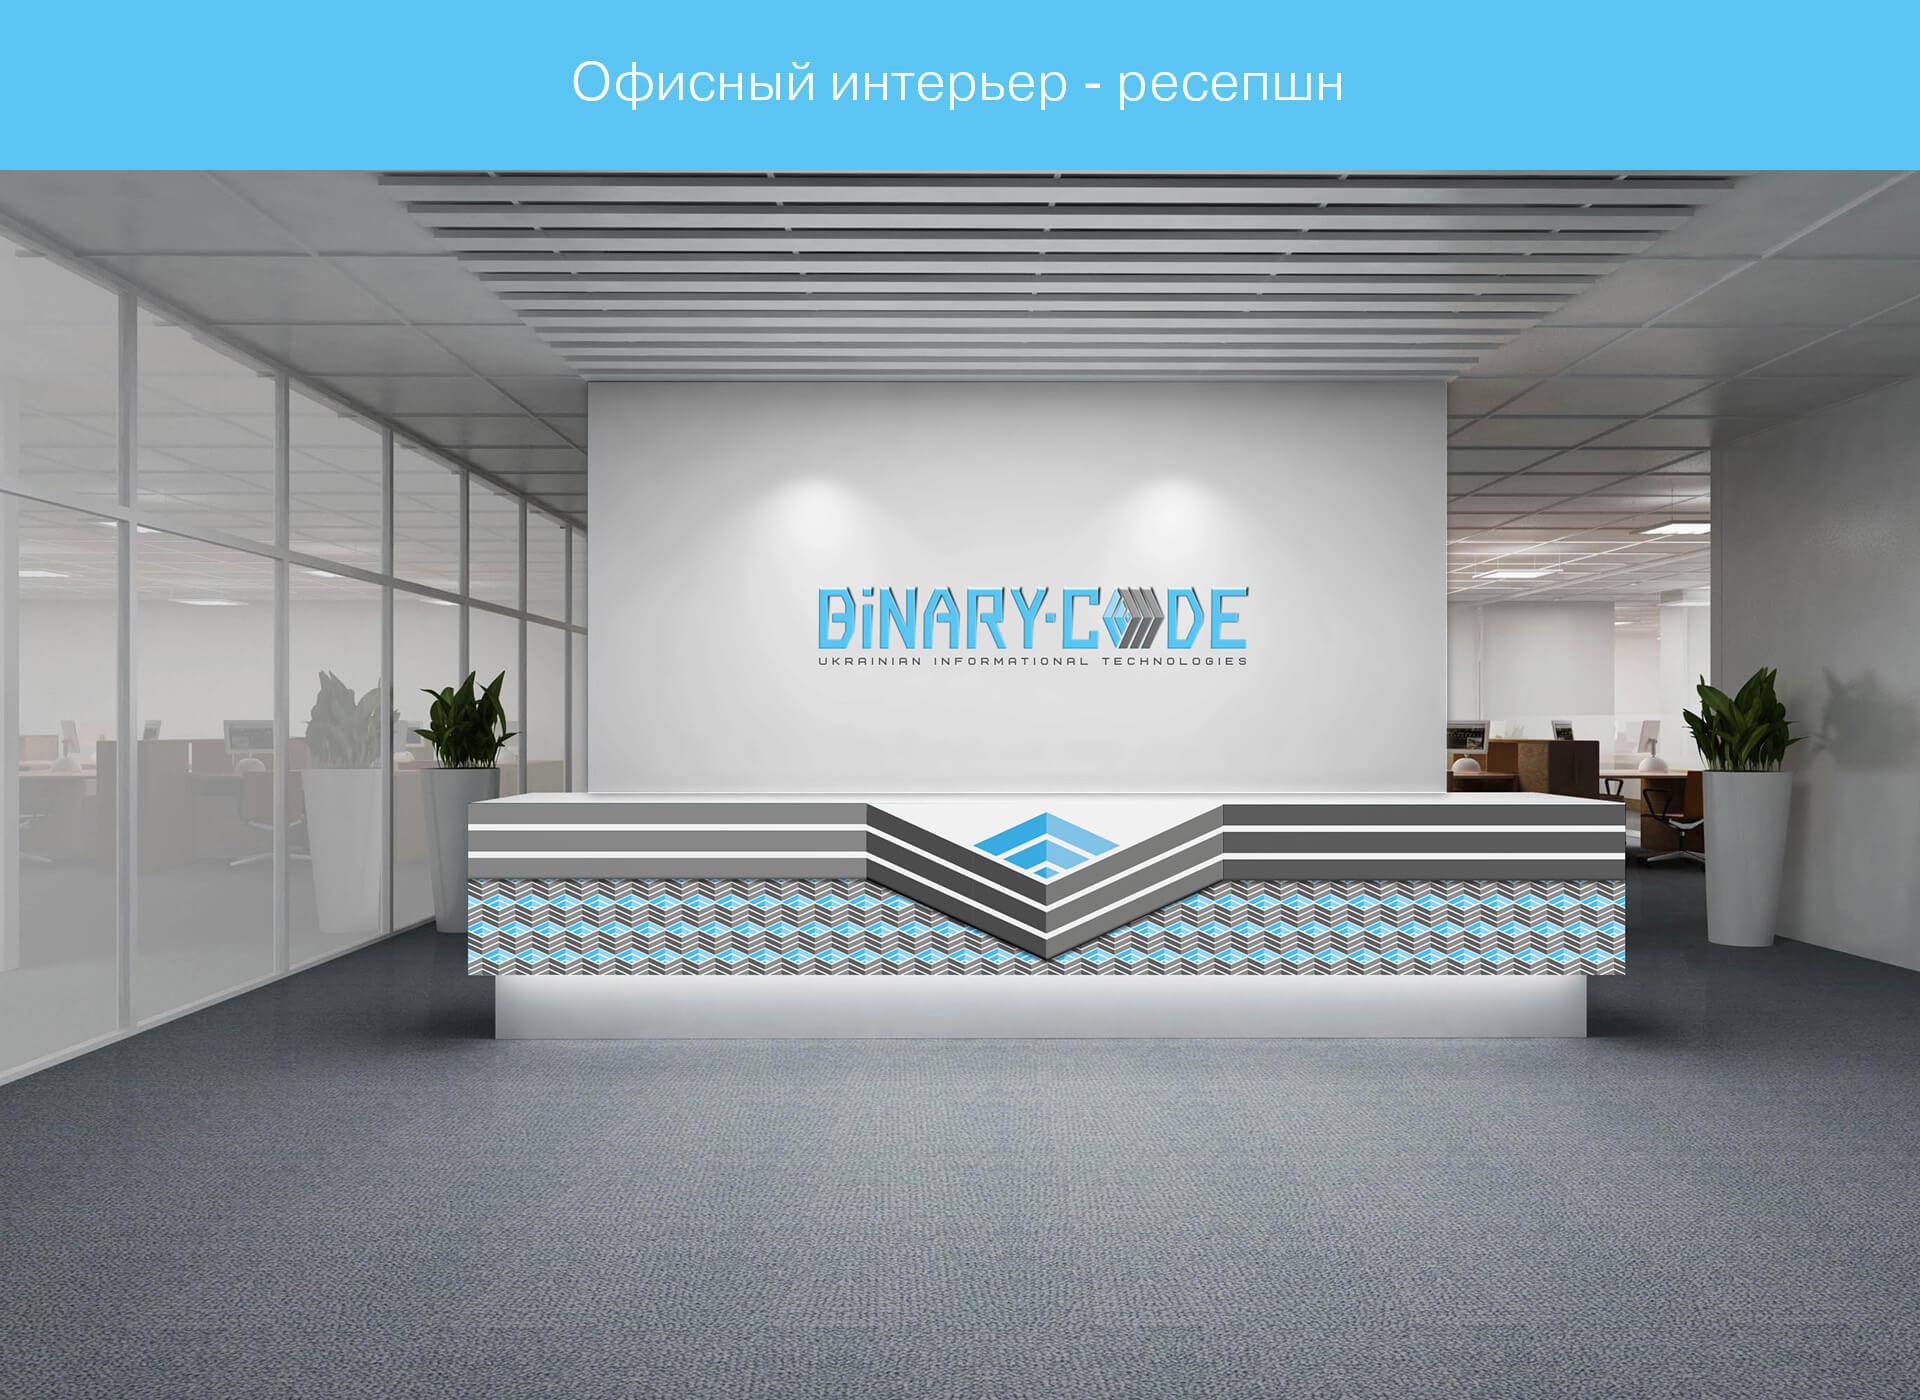 Разработка и создание дизайна офиса, интерьер, ресепшн  (брендинг) от Fantastic Imago брендиногове рекламное агентство